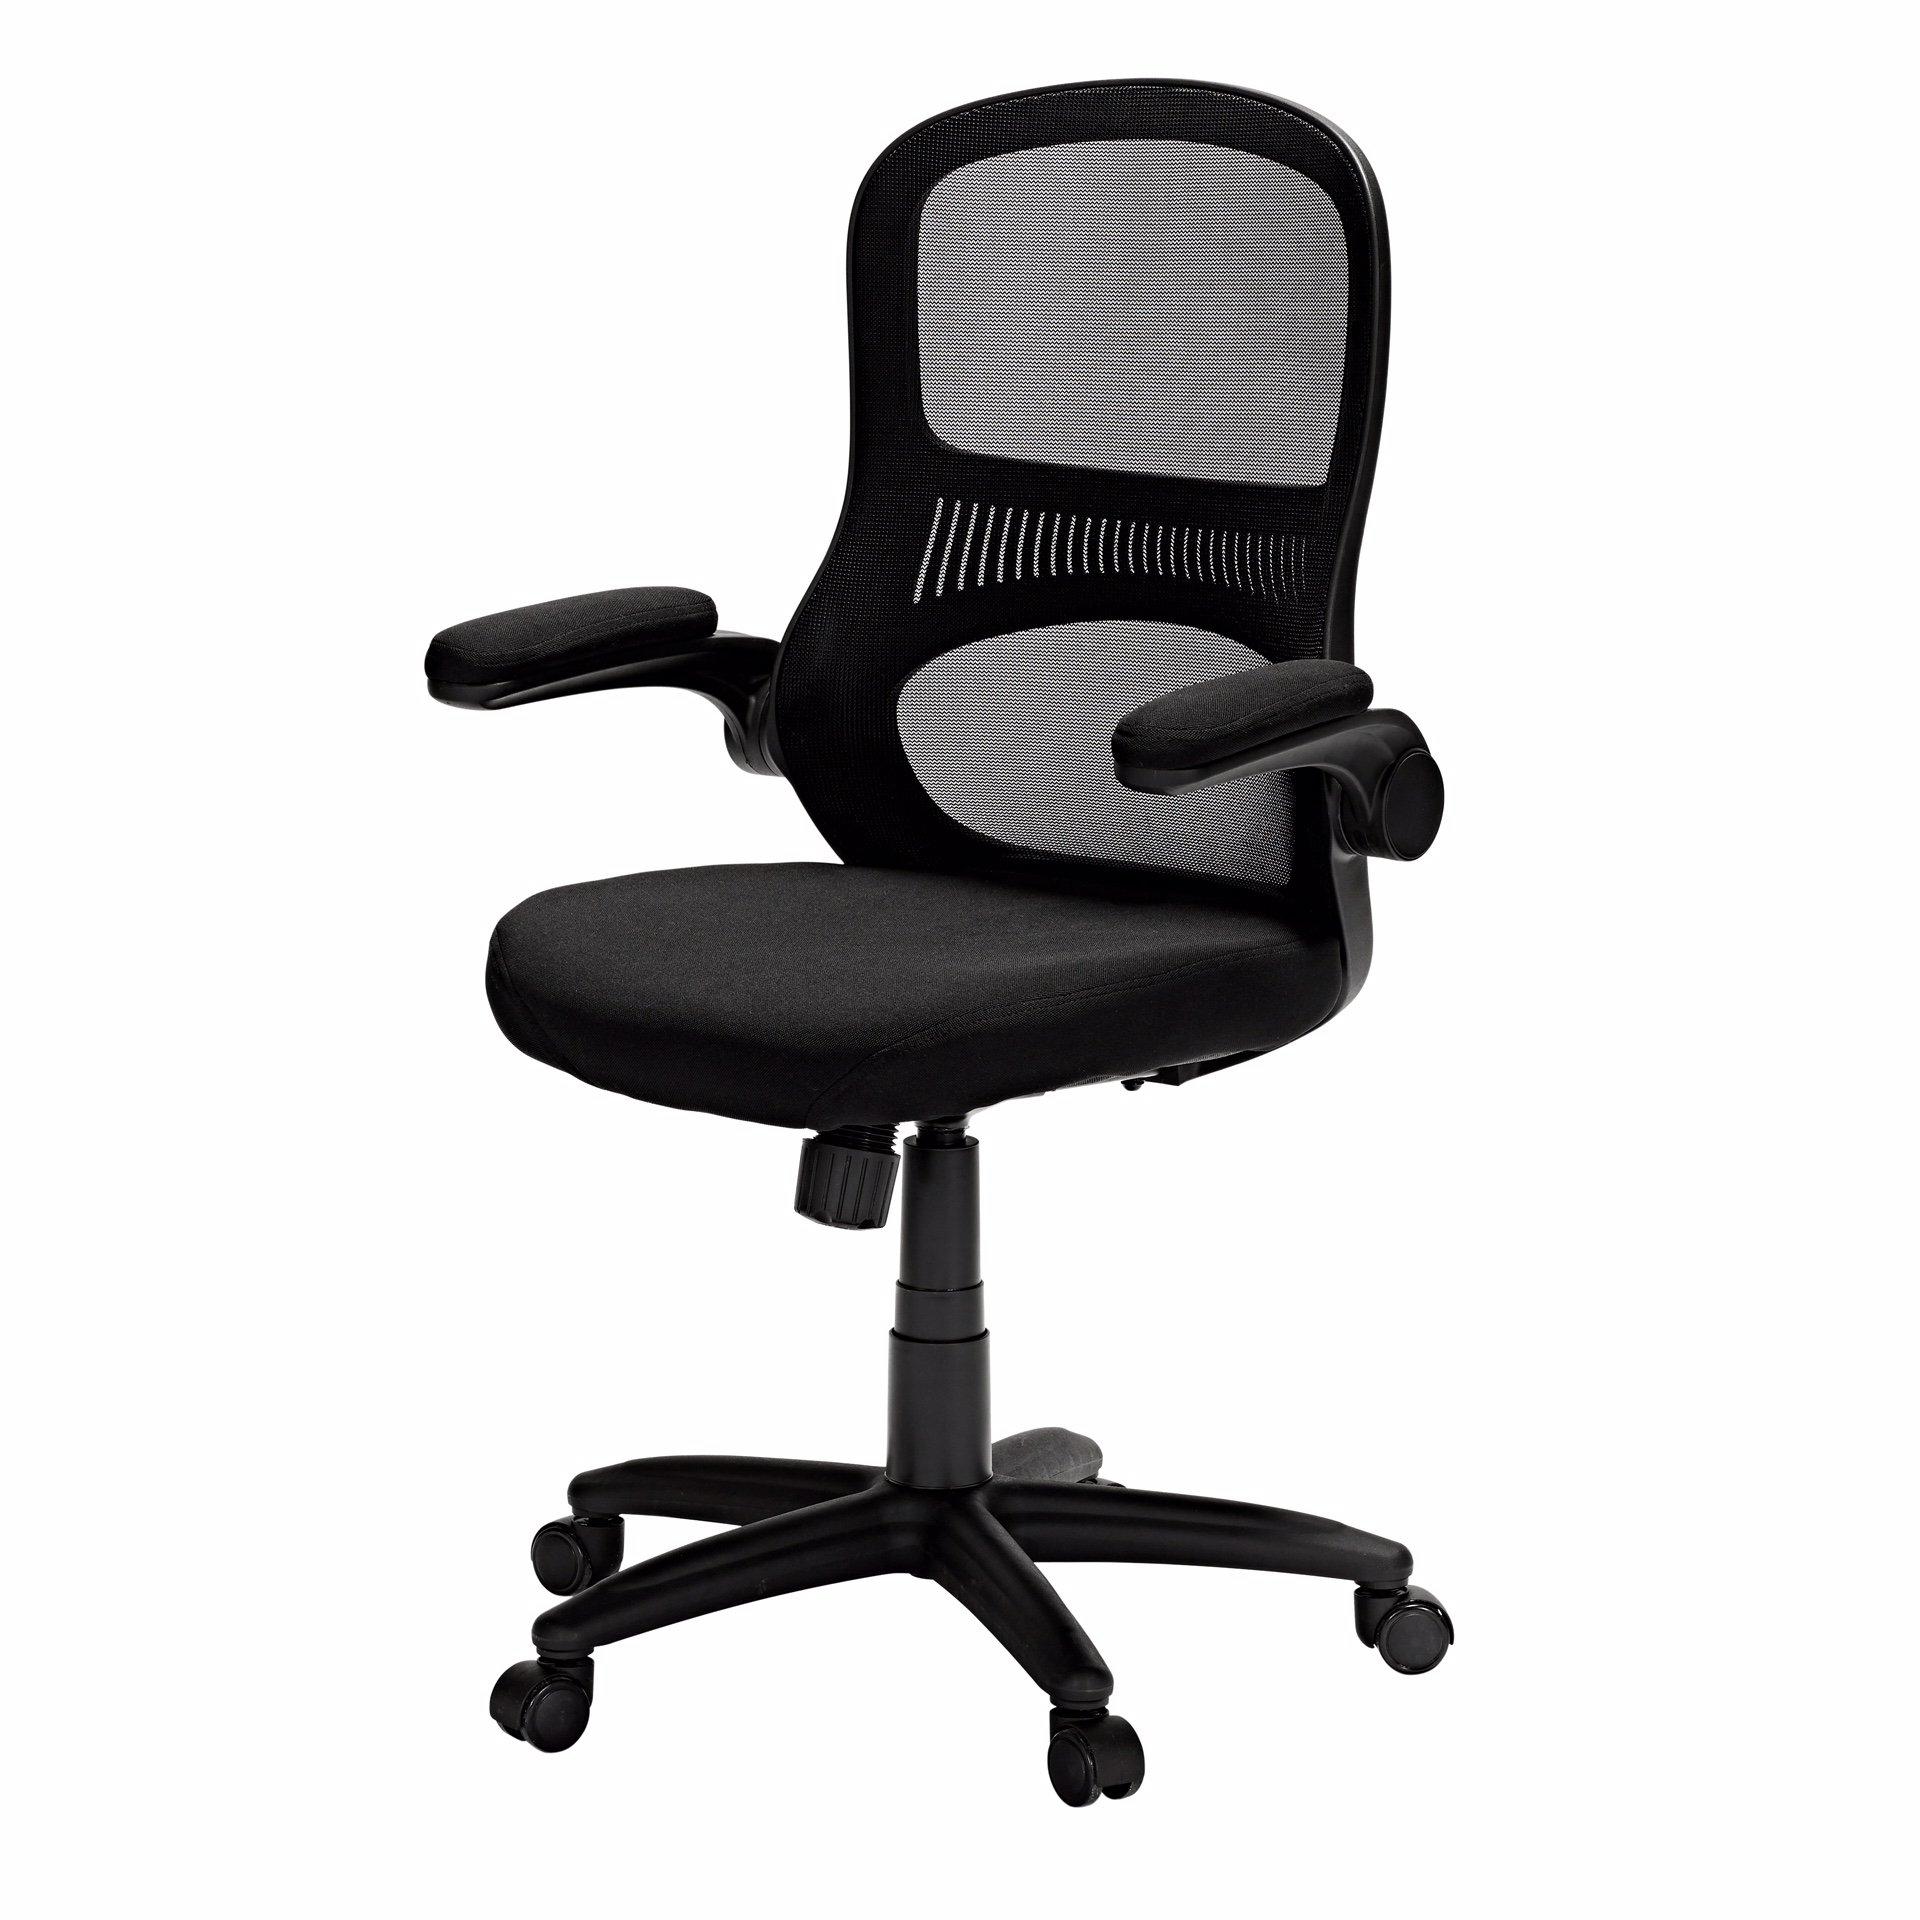 Vega Mesh Back Chair with Black Frame